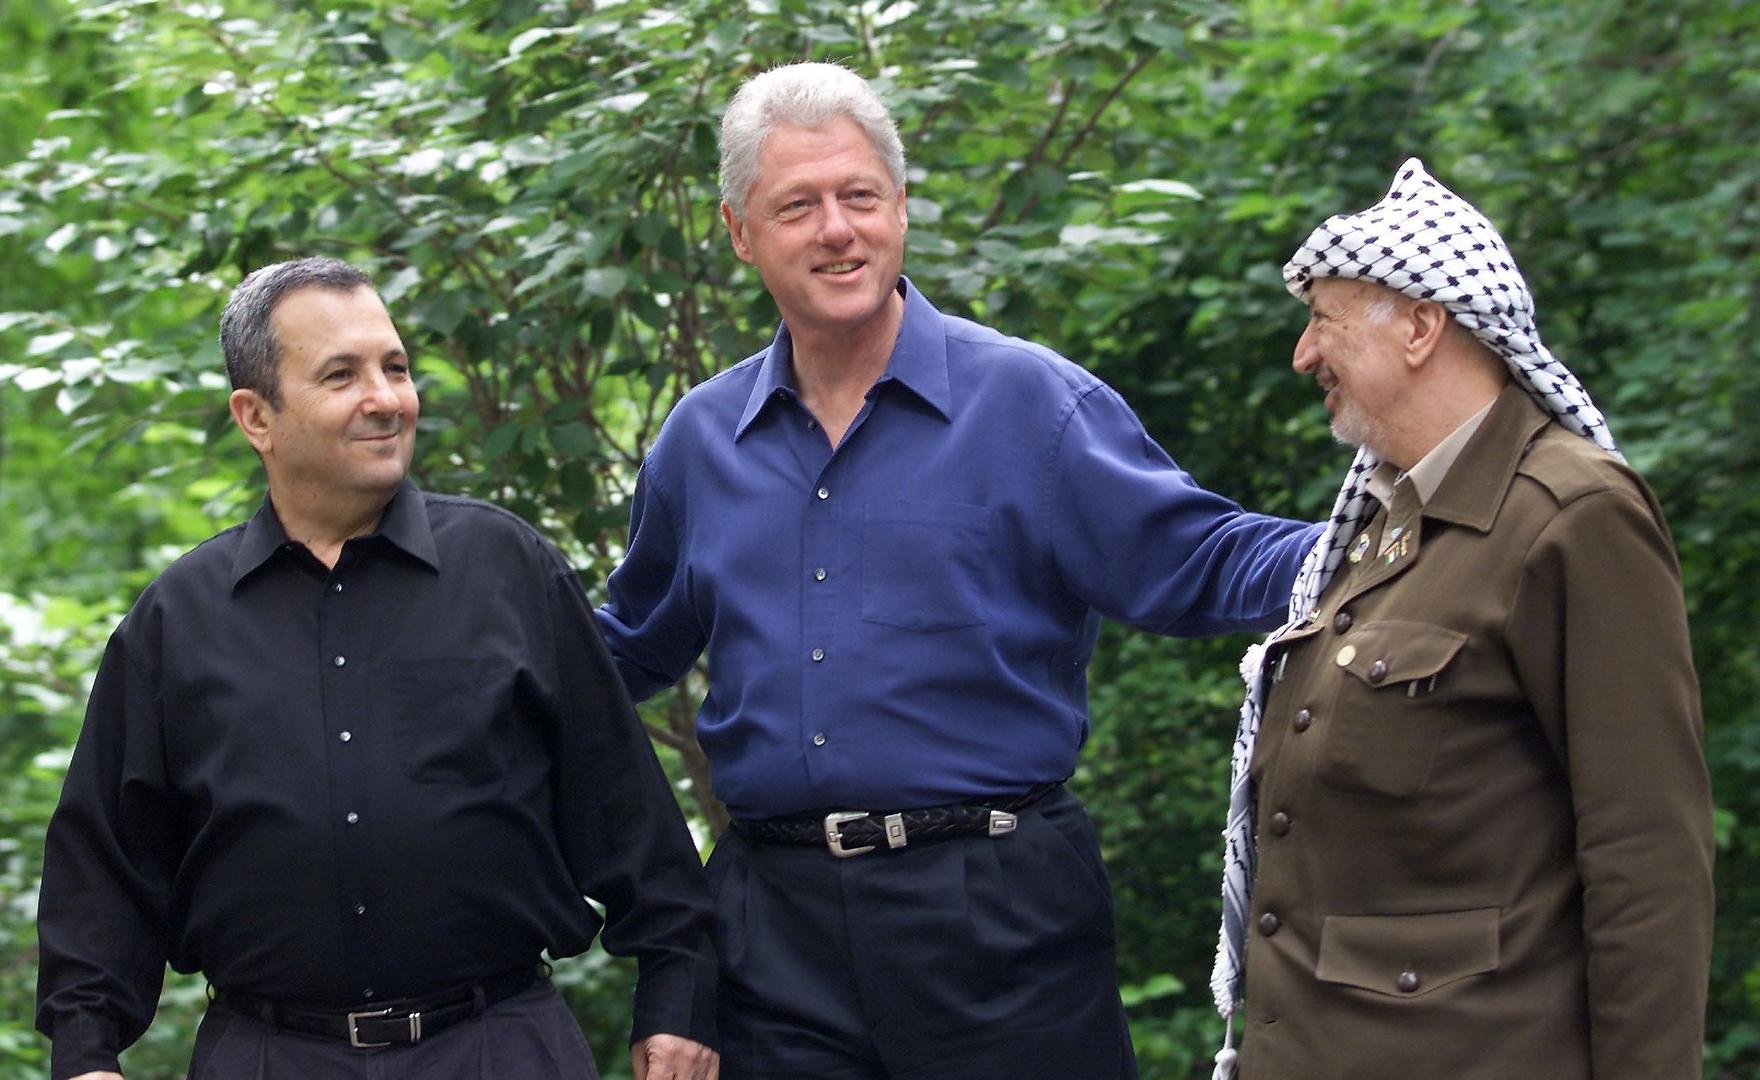 لقاء رئيس الوزراء الإسرائيلي إيهود باراك والرئيس الفلسطيني ياسر عرفات والرئيس الأمريكي بيل كلينتون في كامب ديفيد بالولايات المتحدة عام 2000